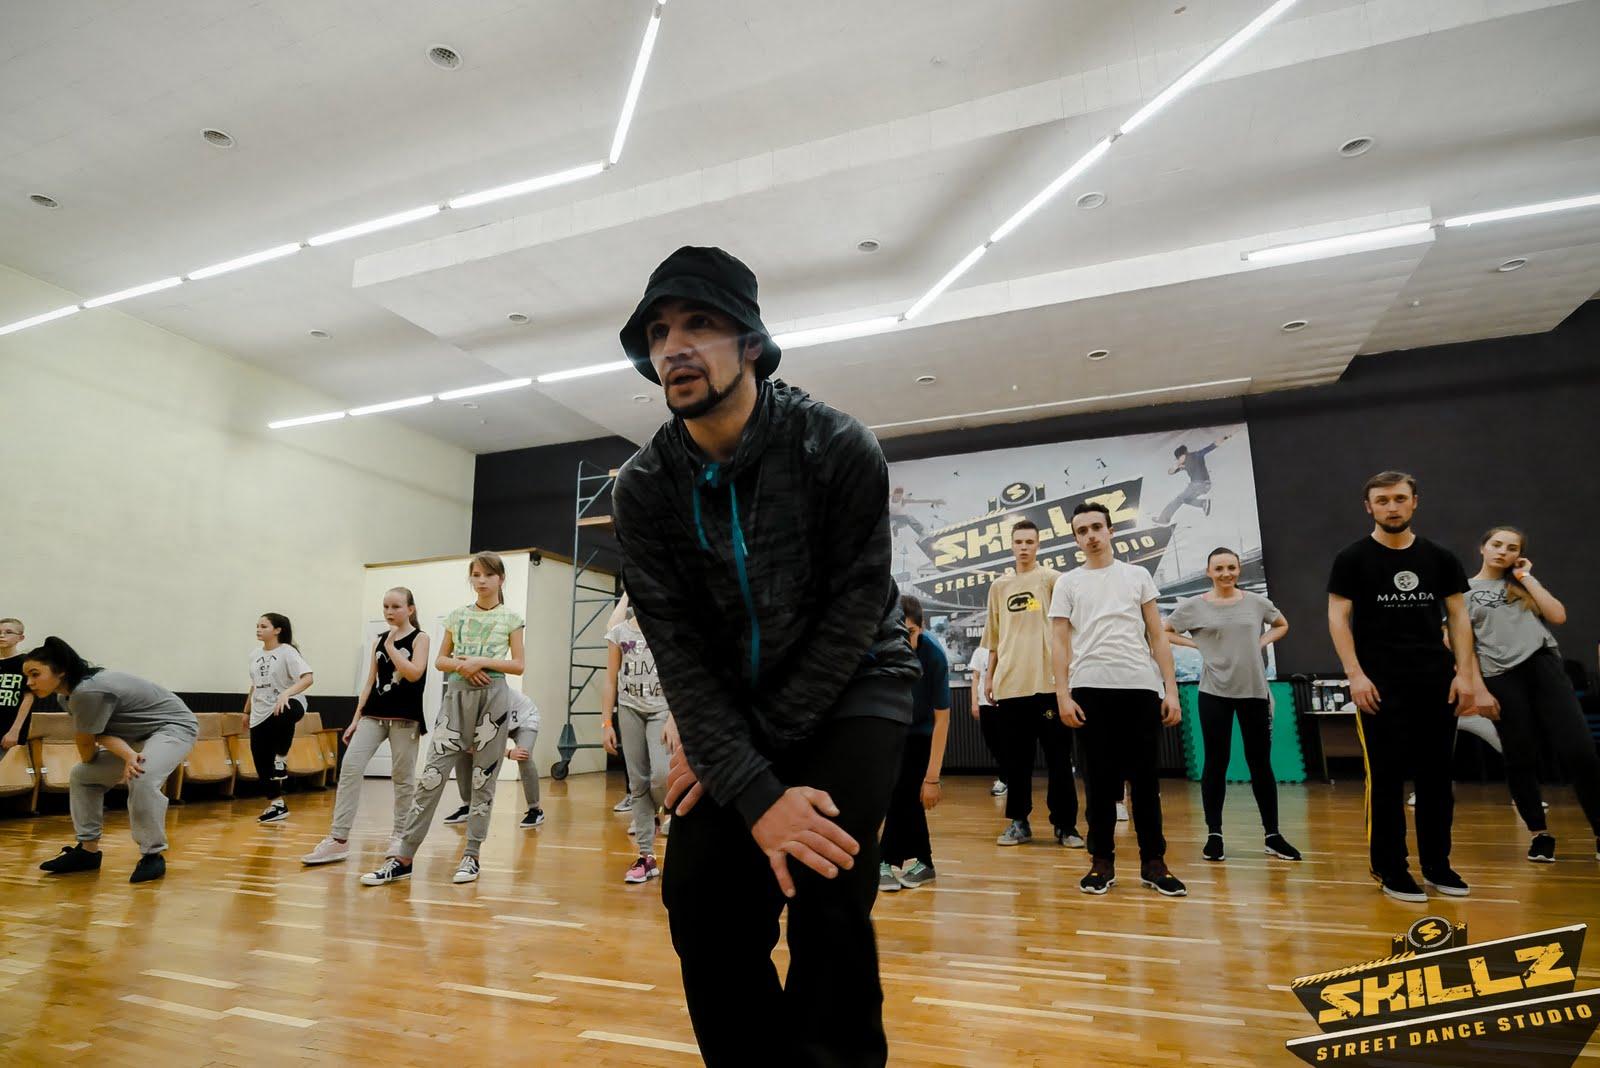 Hip hop seminaras su Jeka iš Maskvos - _1050241.jpg